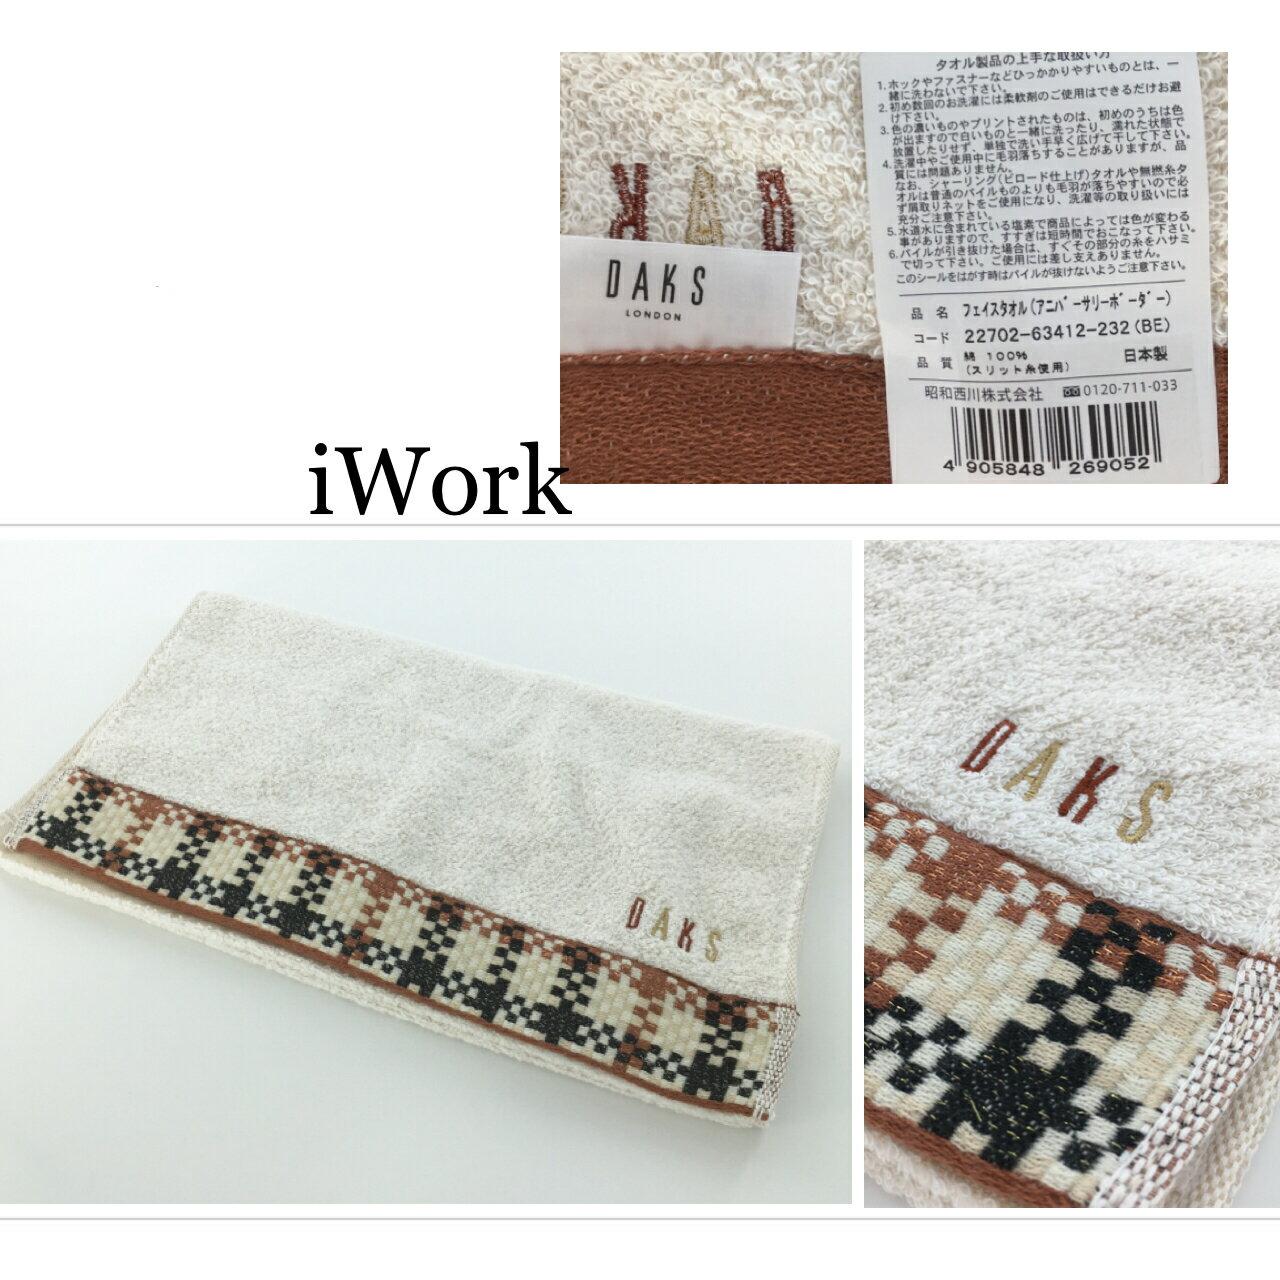 ~iWork~10030~DAKS~ 素面DAKS衛浴 毛巾 , 細緻、輕盈、速乾,顏色淺